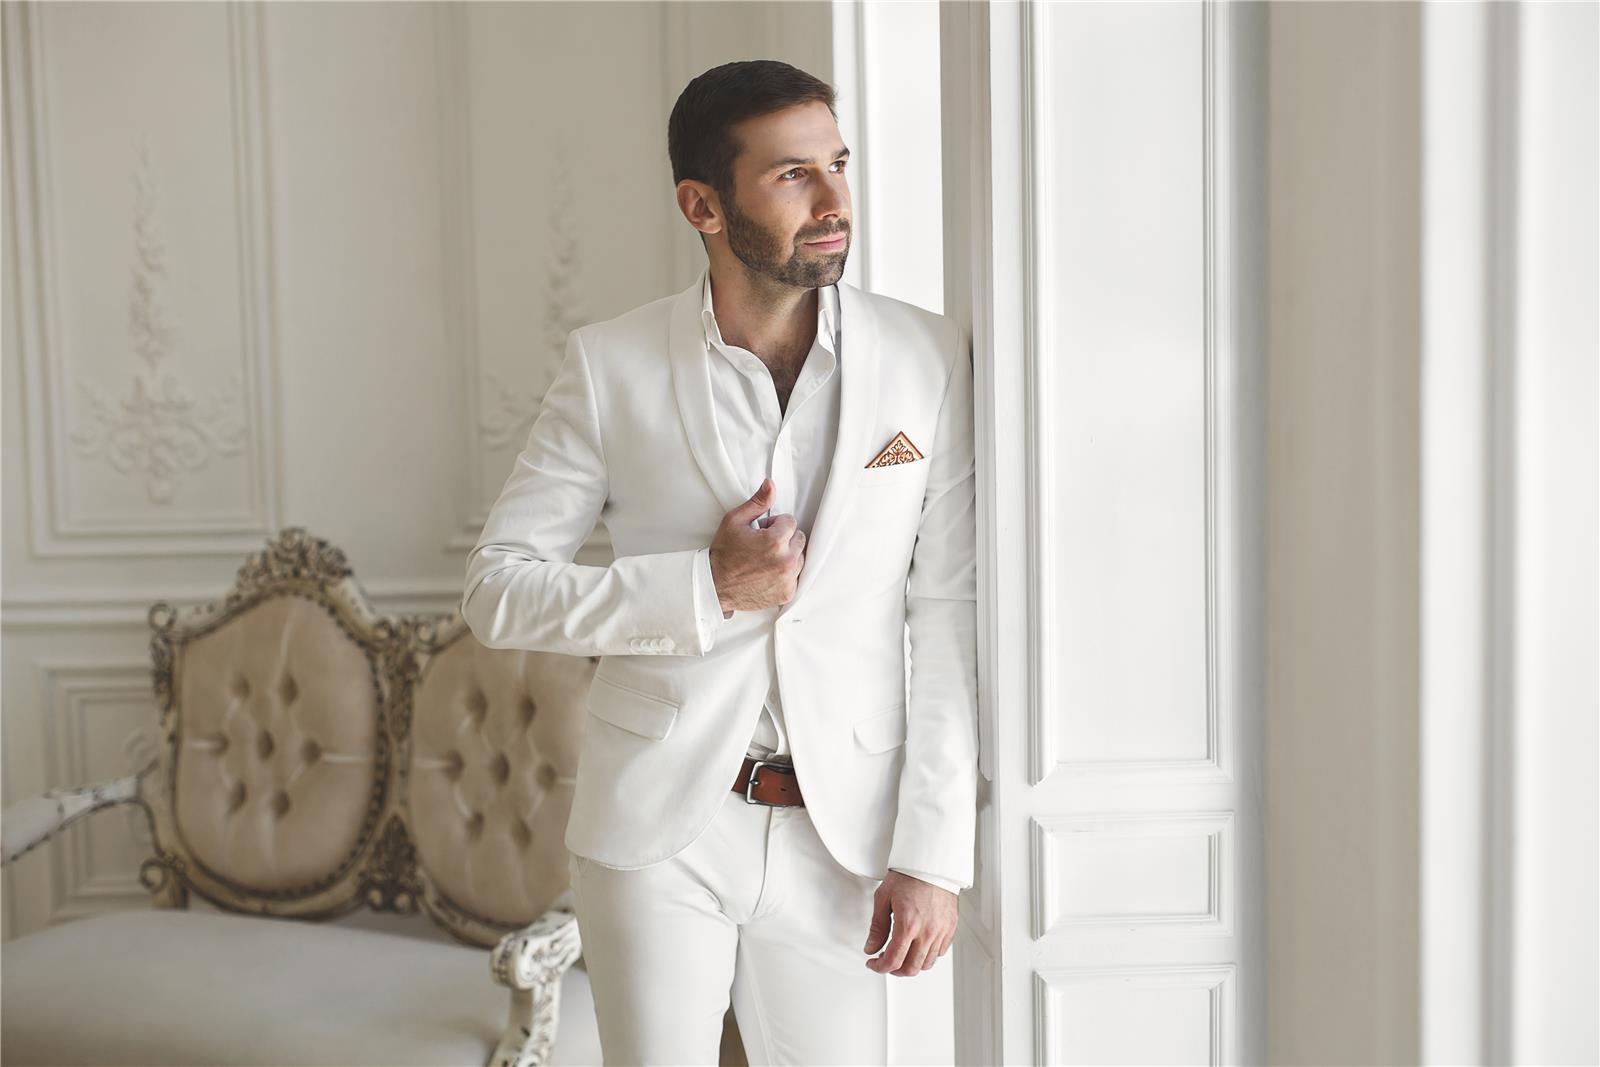 גם החתן יכול ללבוש חליפה בצבע לבן